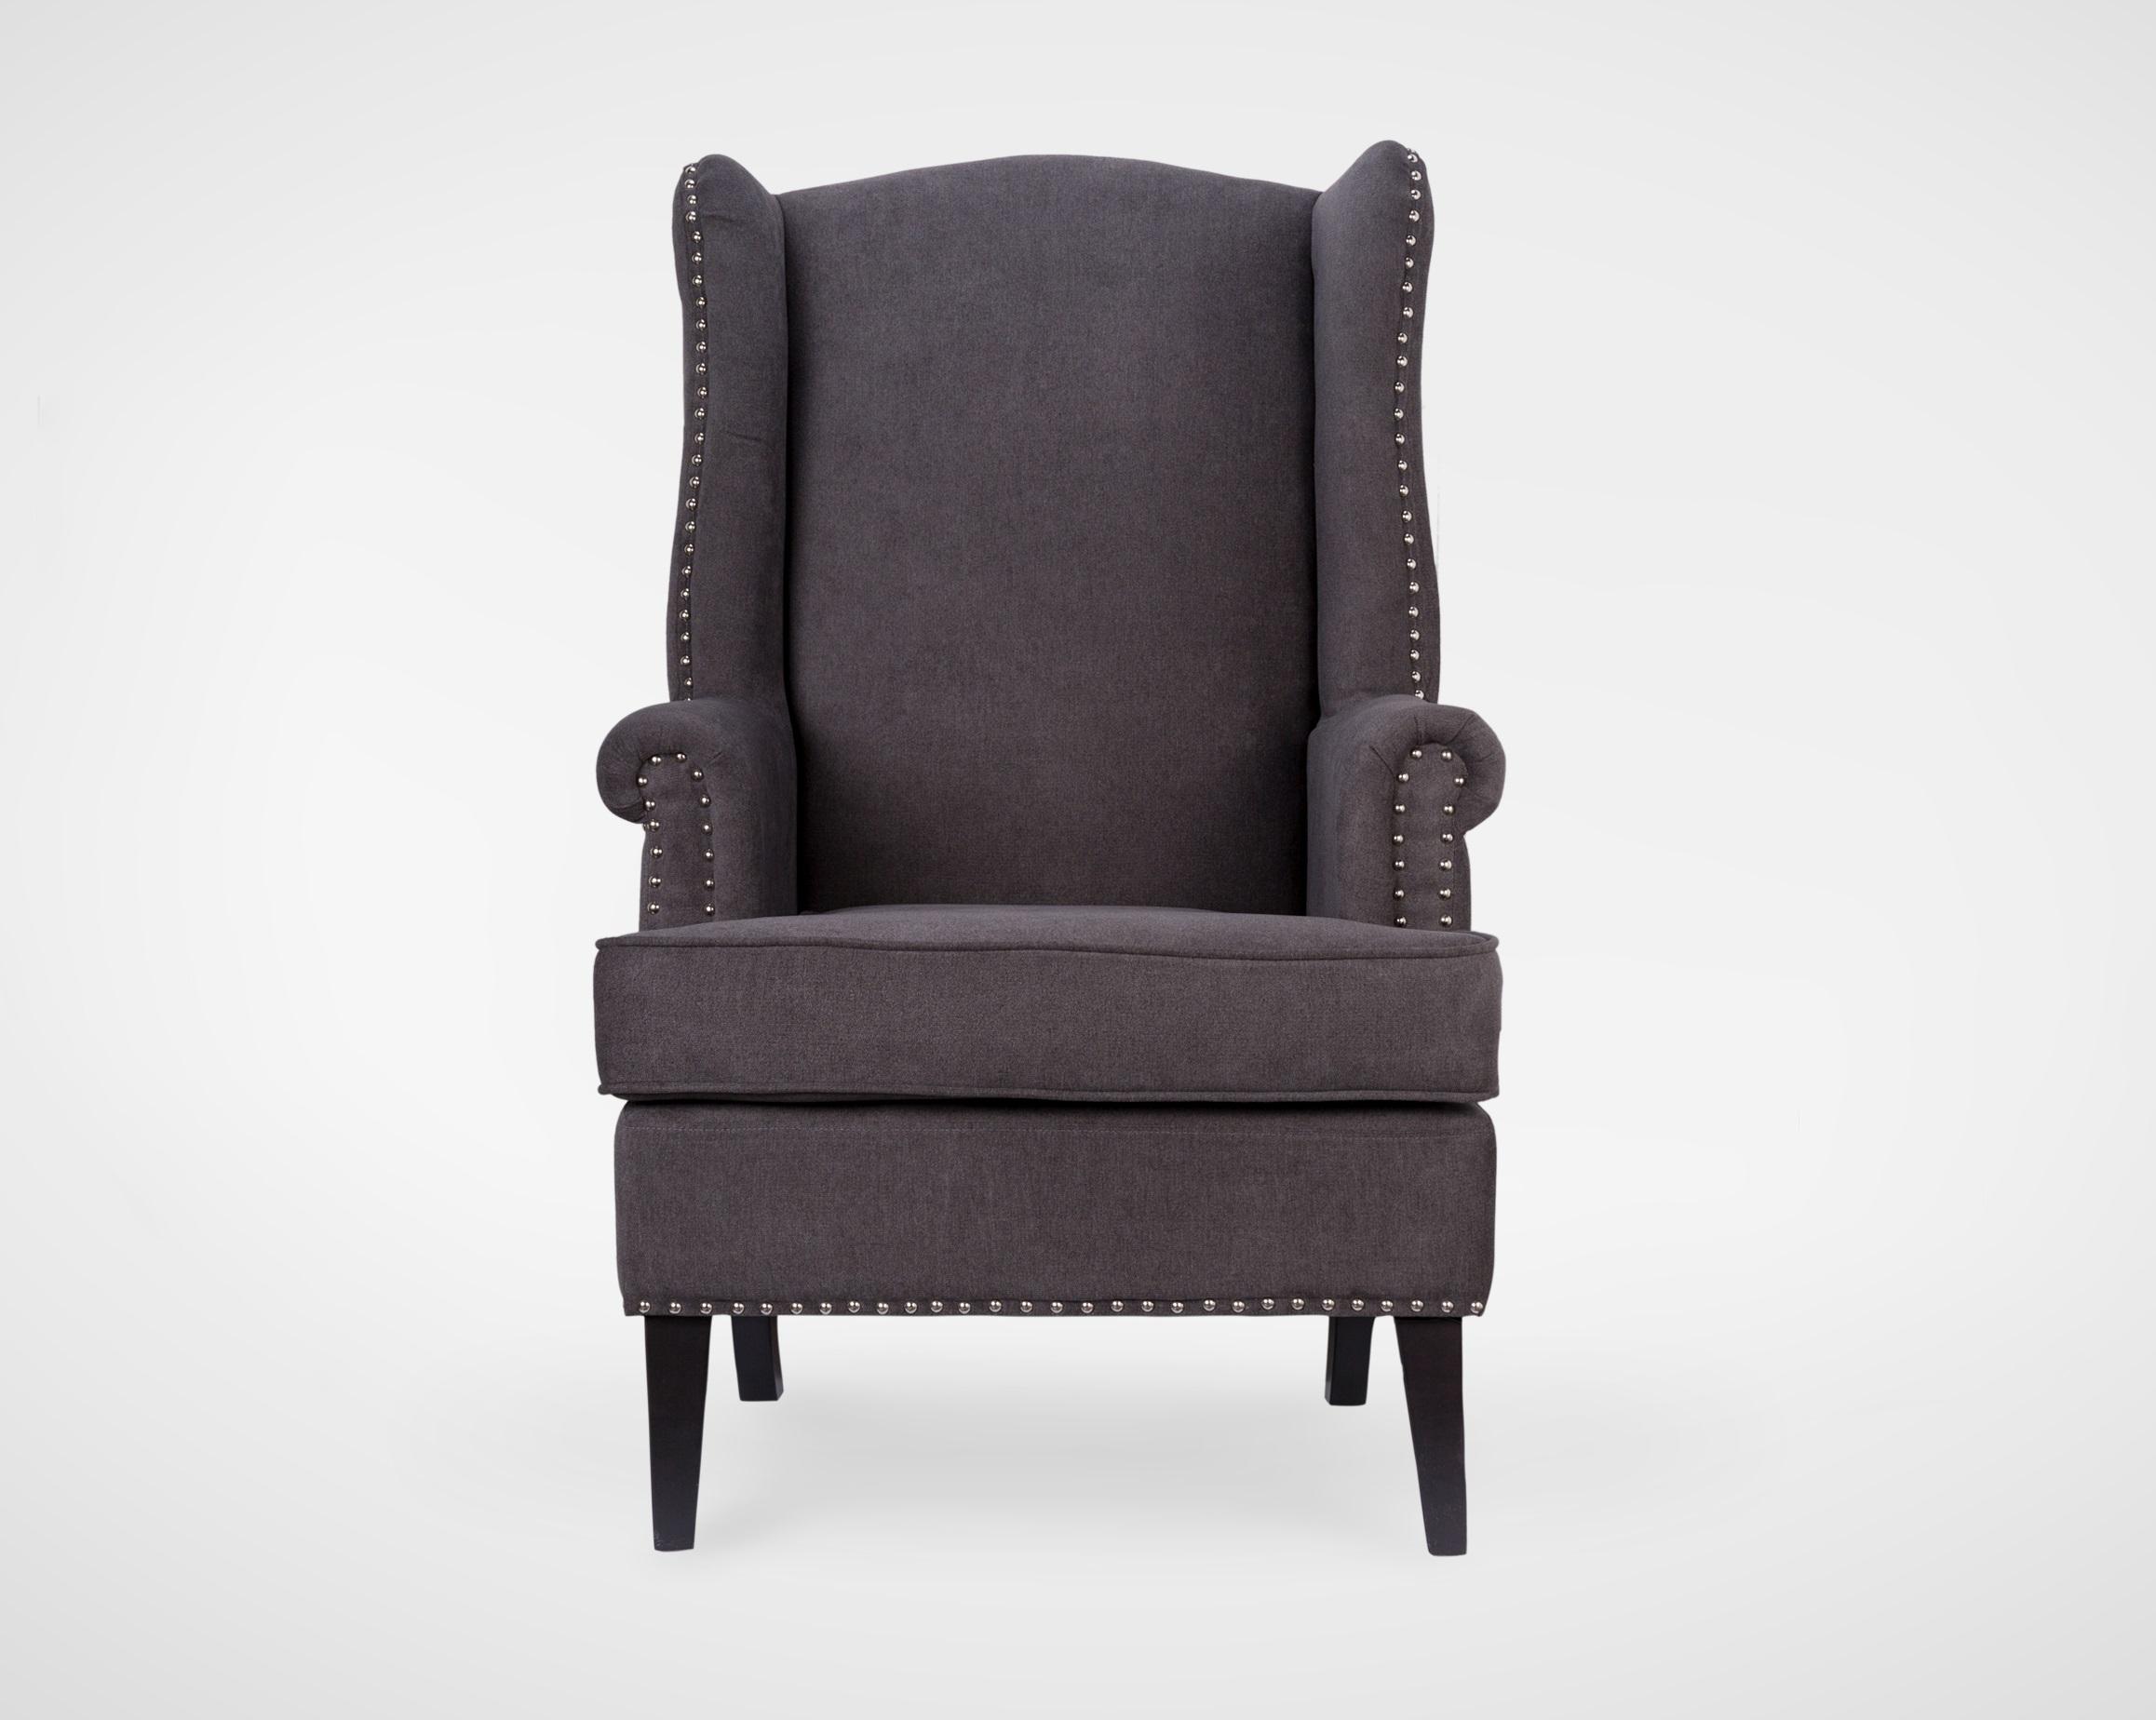 КреслоКресла с высокой спинкой<br>Классическое английское кресло с ушами,с высокой ,мягкой спинокй,украшенное молдингами,ножки из натурального дерева.<br><br>Material: Текстиль<br>Ширина см: 74<br>Высота см: 115<br>Глубина см: 80